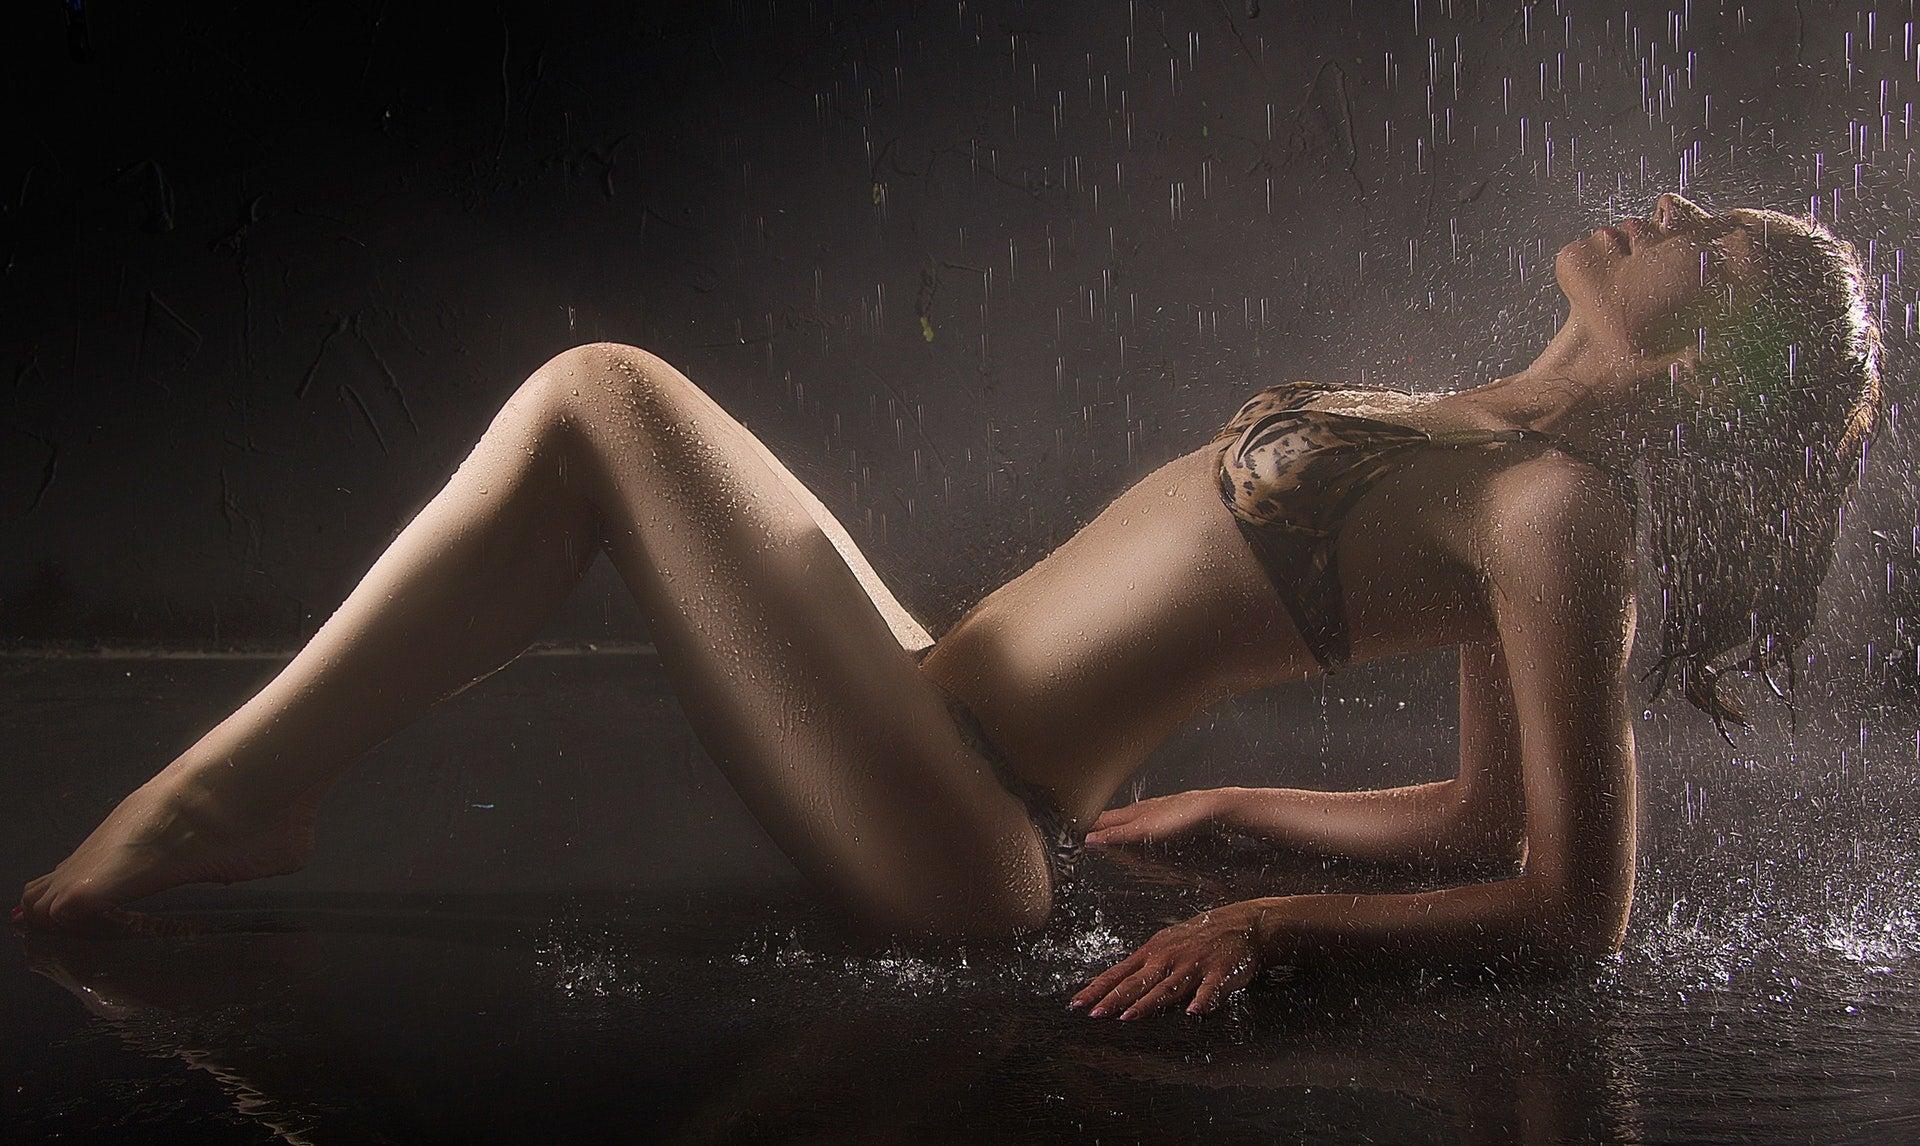 Canal Porno Orgasmos Hombred no, la eyaculación femenina no es tan común, no flipéis